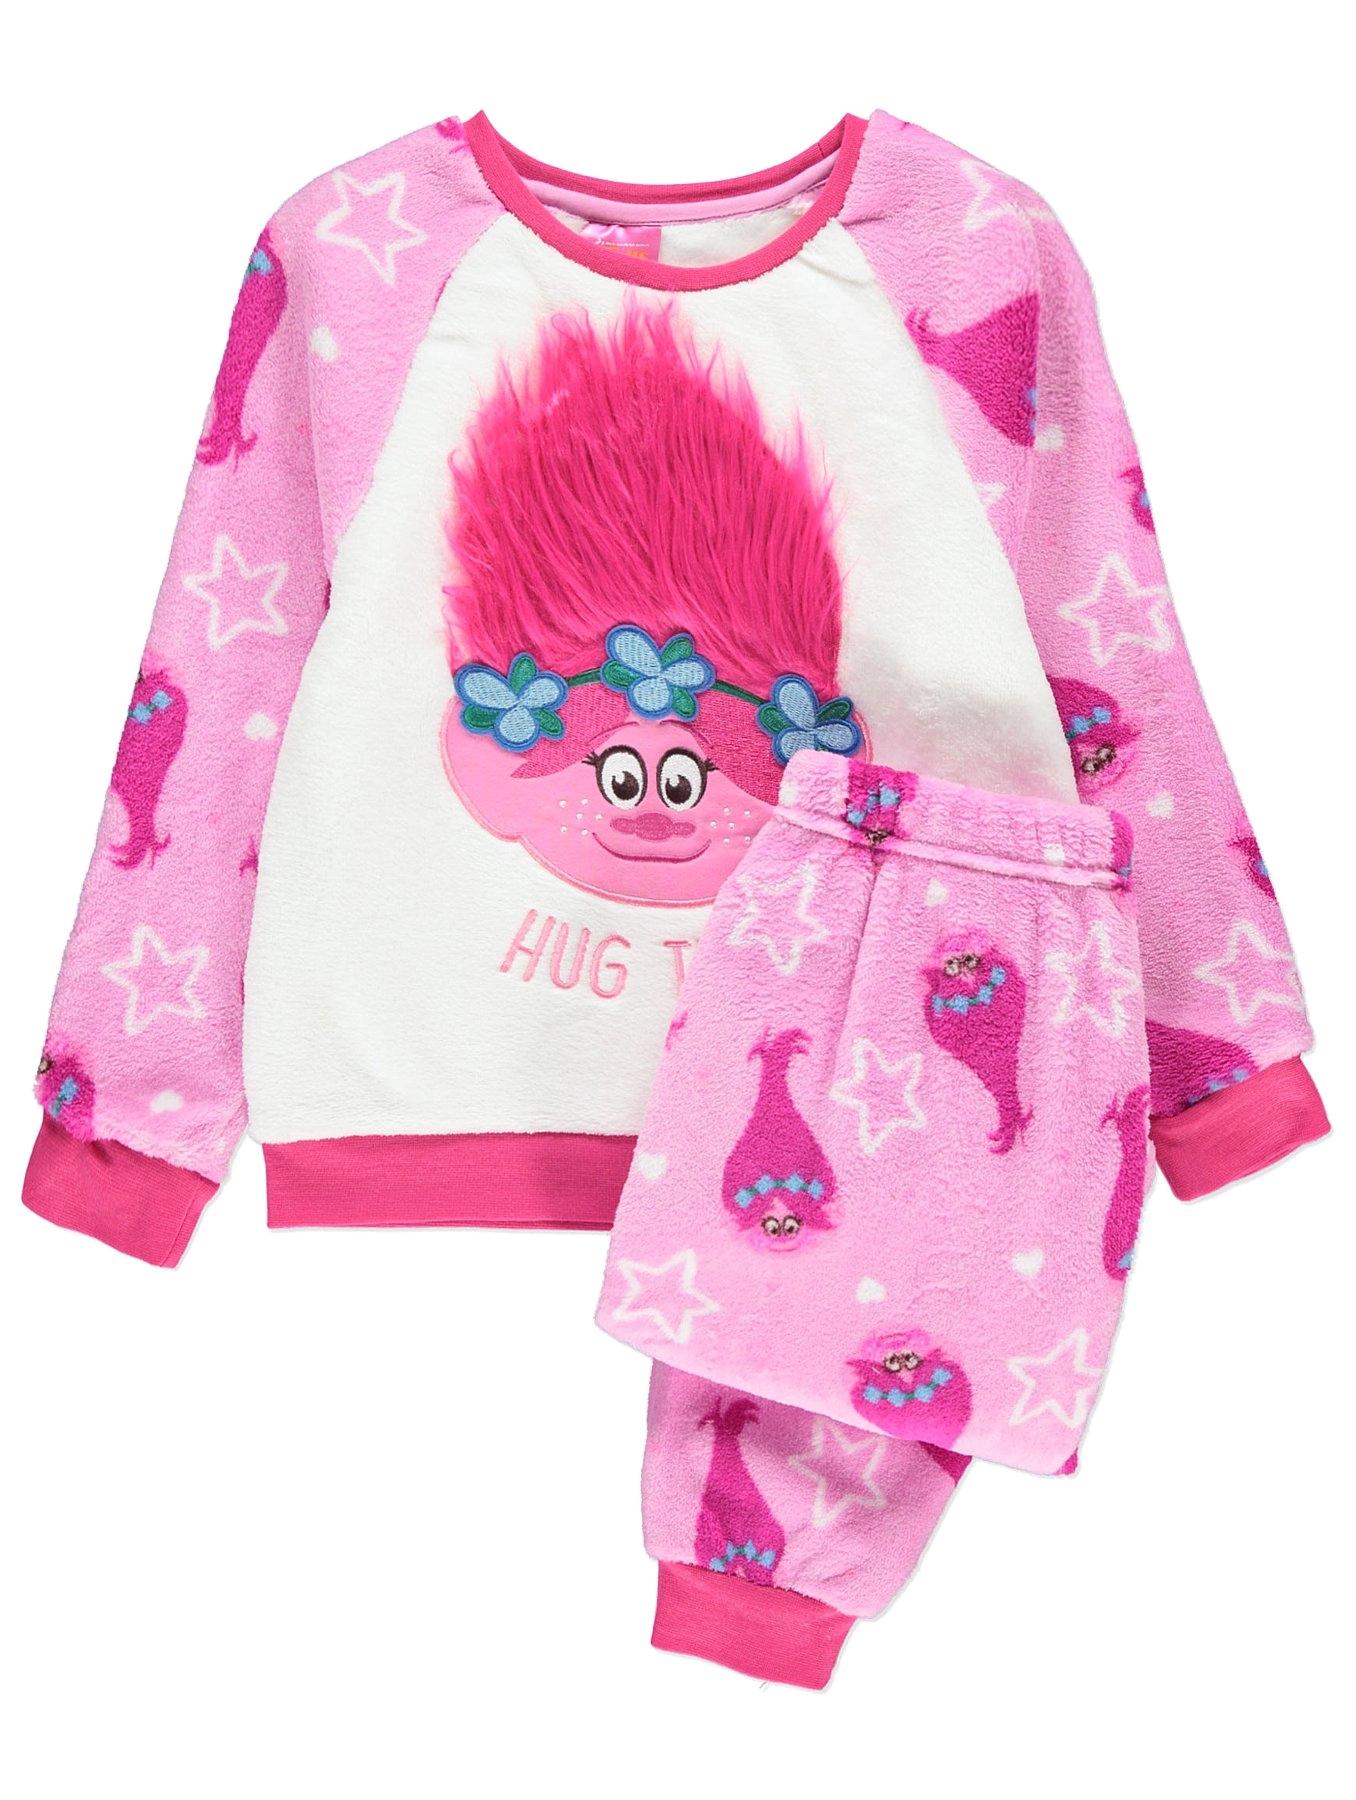 Asda Children S Floor Mats Trolls Fleece Pyjamas Kids George